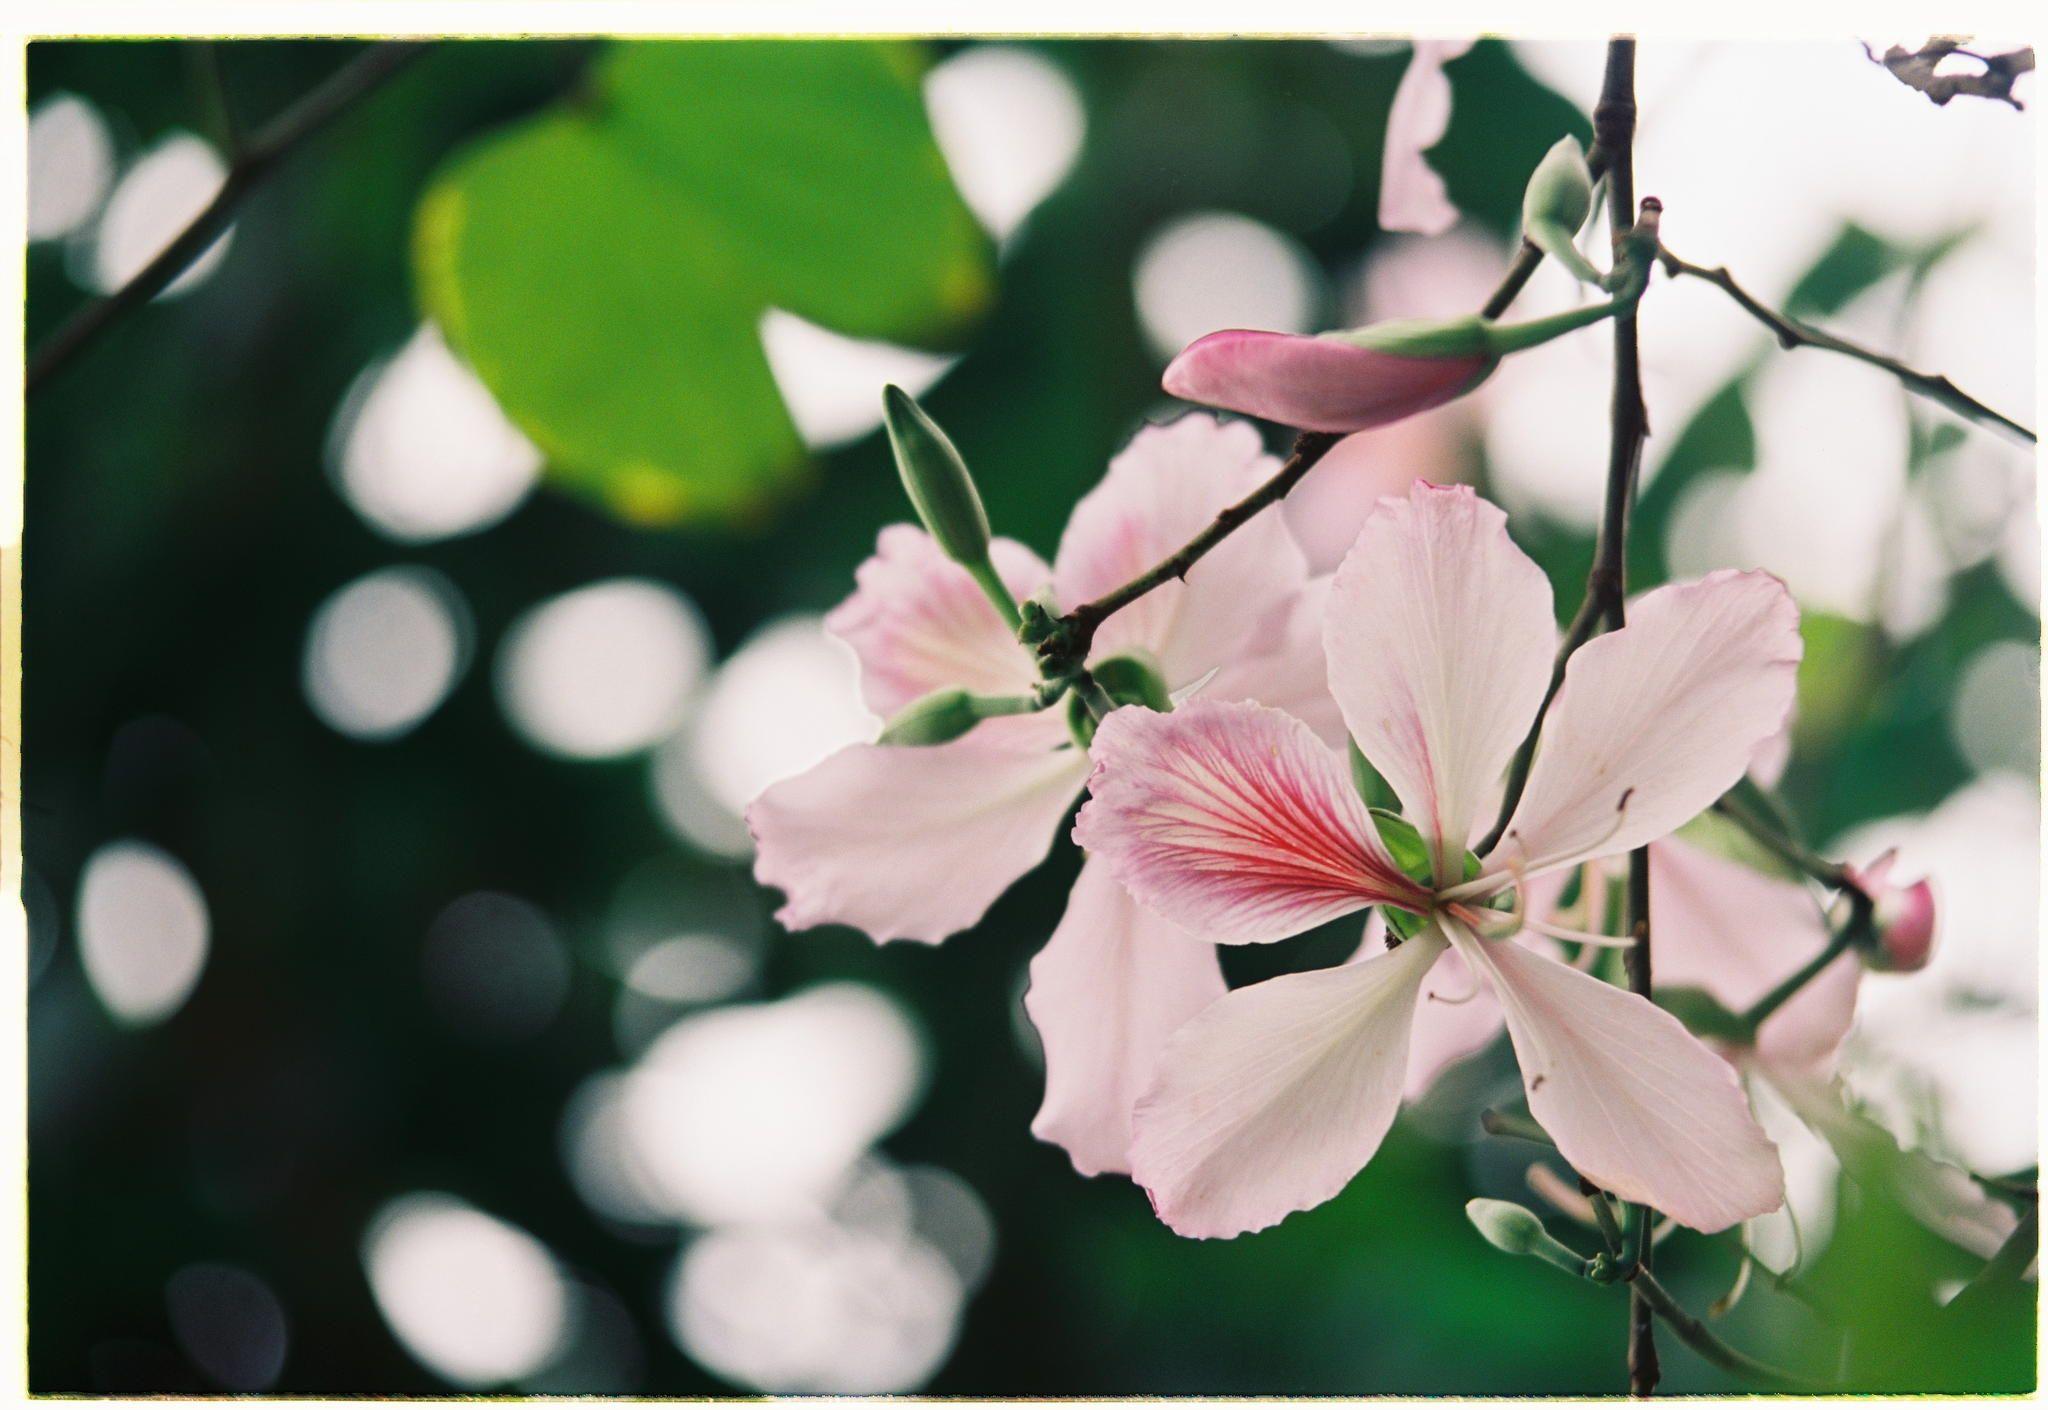 Cánh hoa ban màu trắng pha phớt hồng mộng mơ khiến người nhìn không thể rời mắt